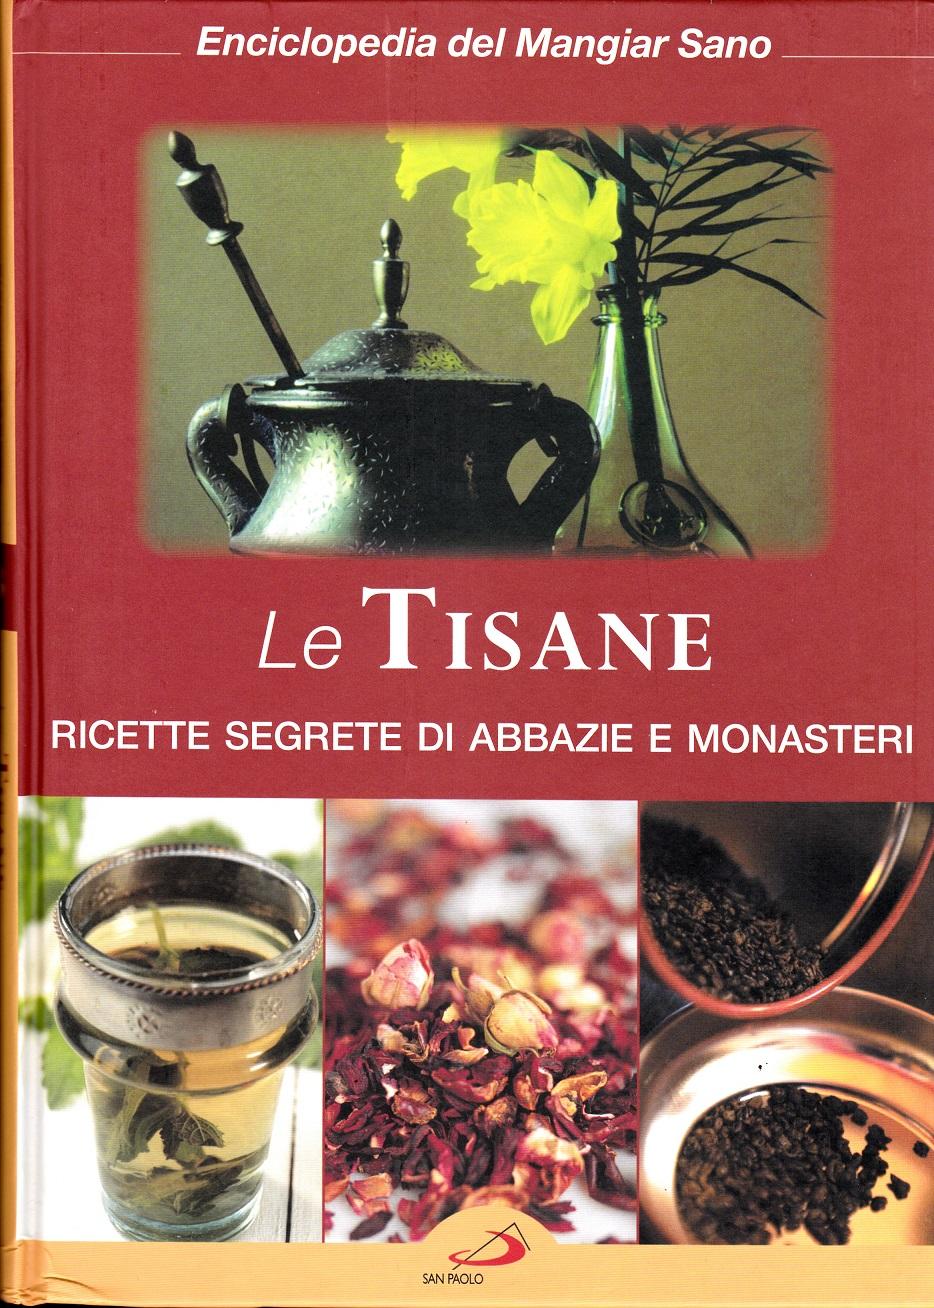 Enciclopedia del mangiar sano: ricette segrete di abbazie e monasteri - Vol. 8